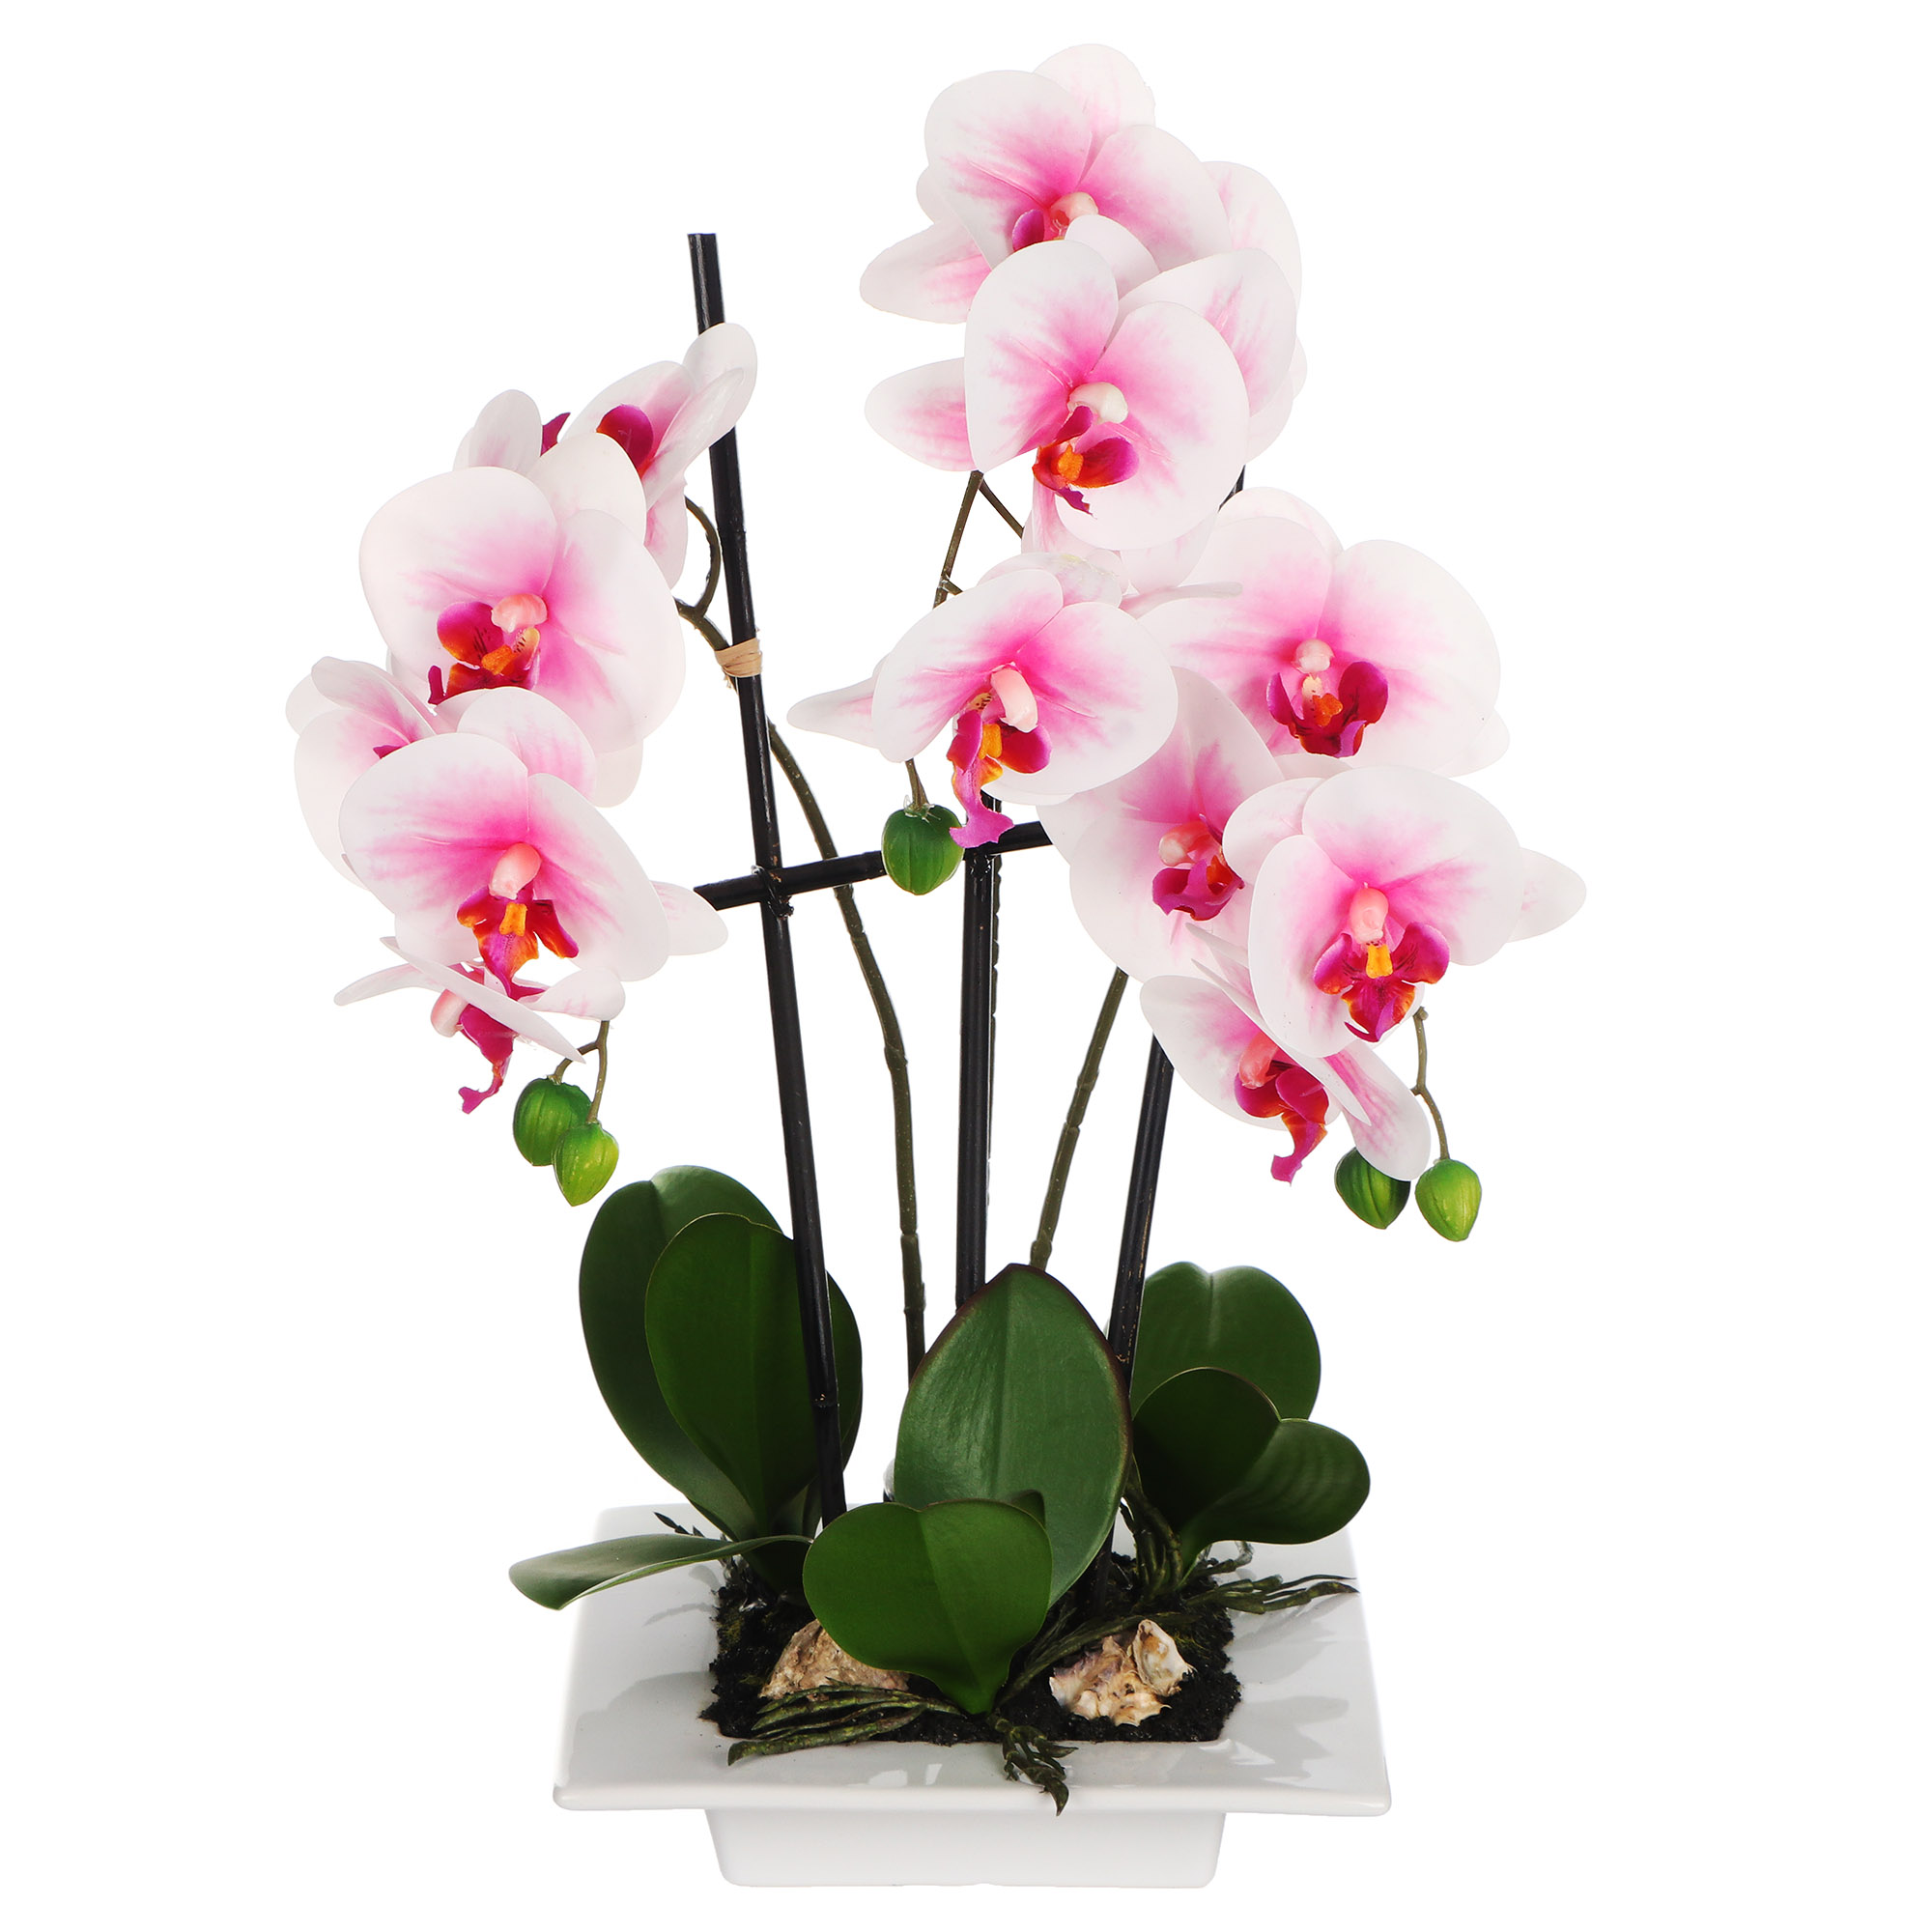 Цветок искусственный Dpi Фаленопсис в горшке 46cm розово-белый